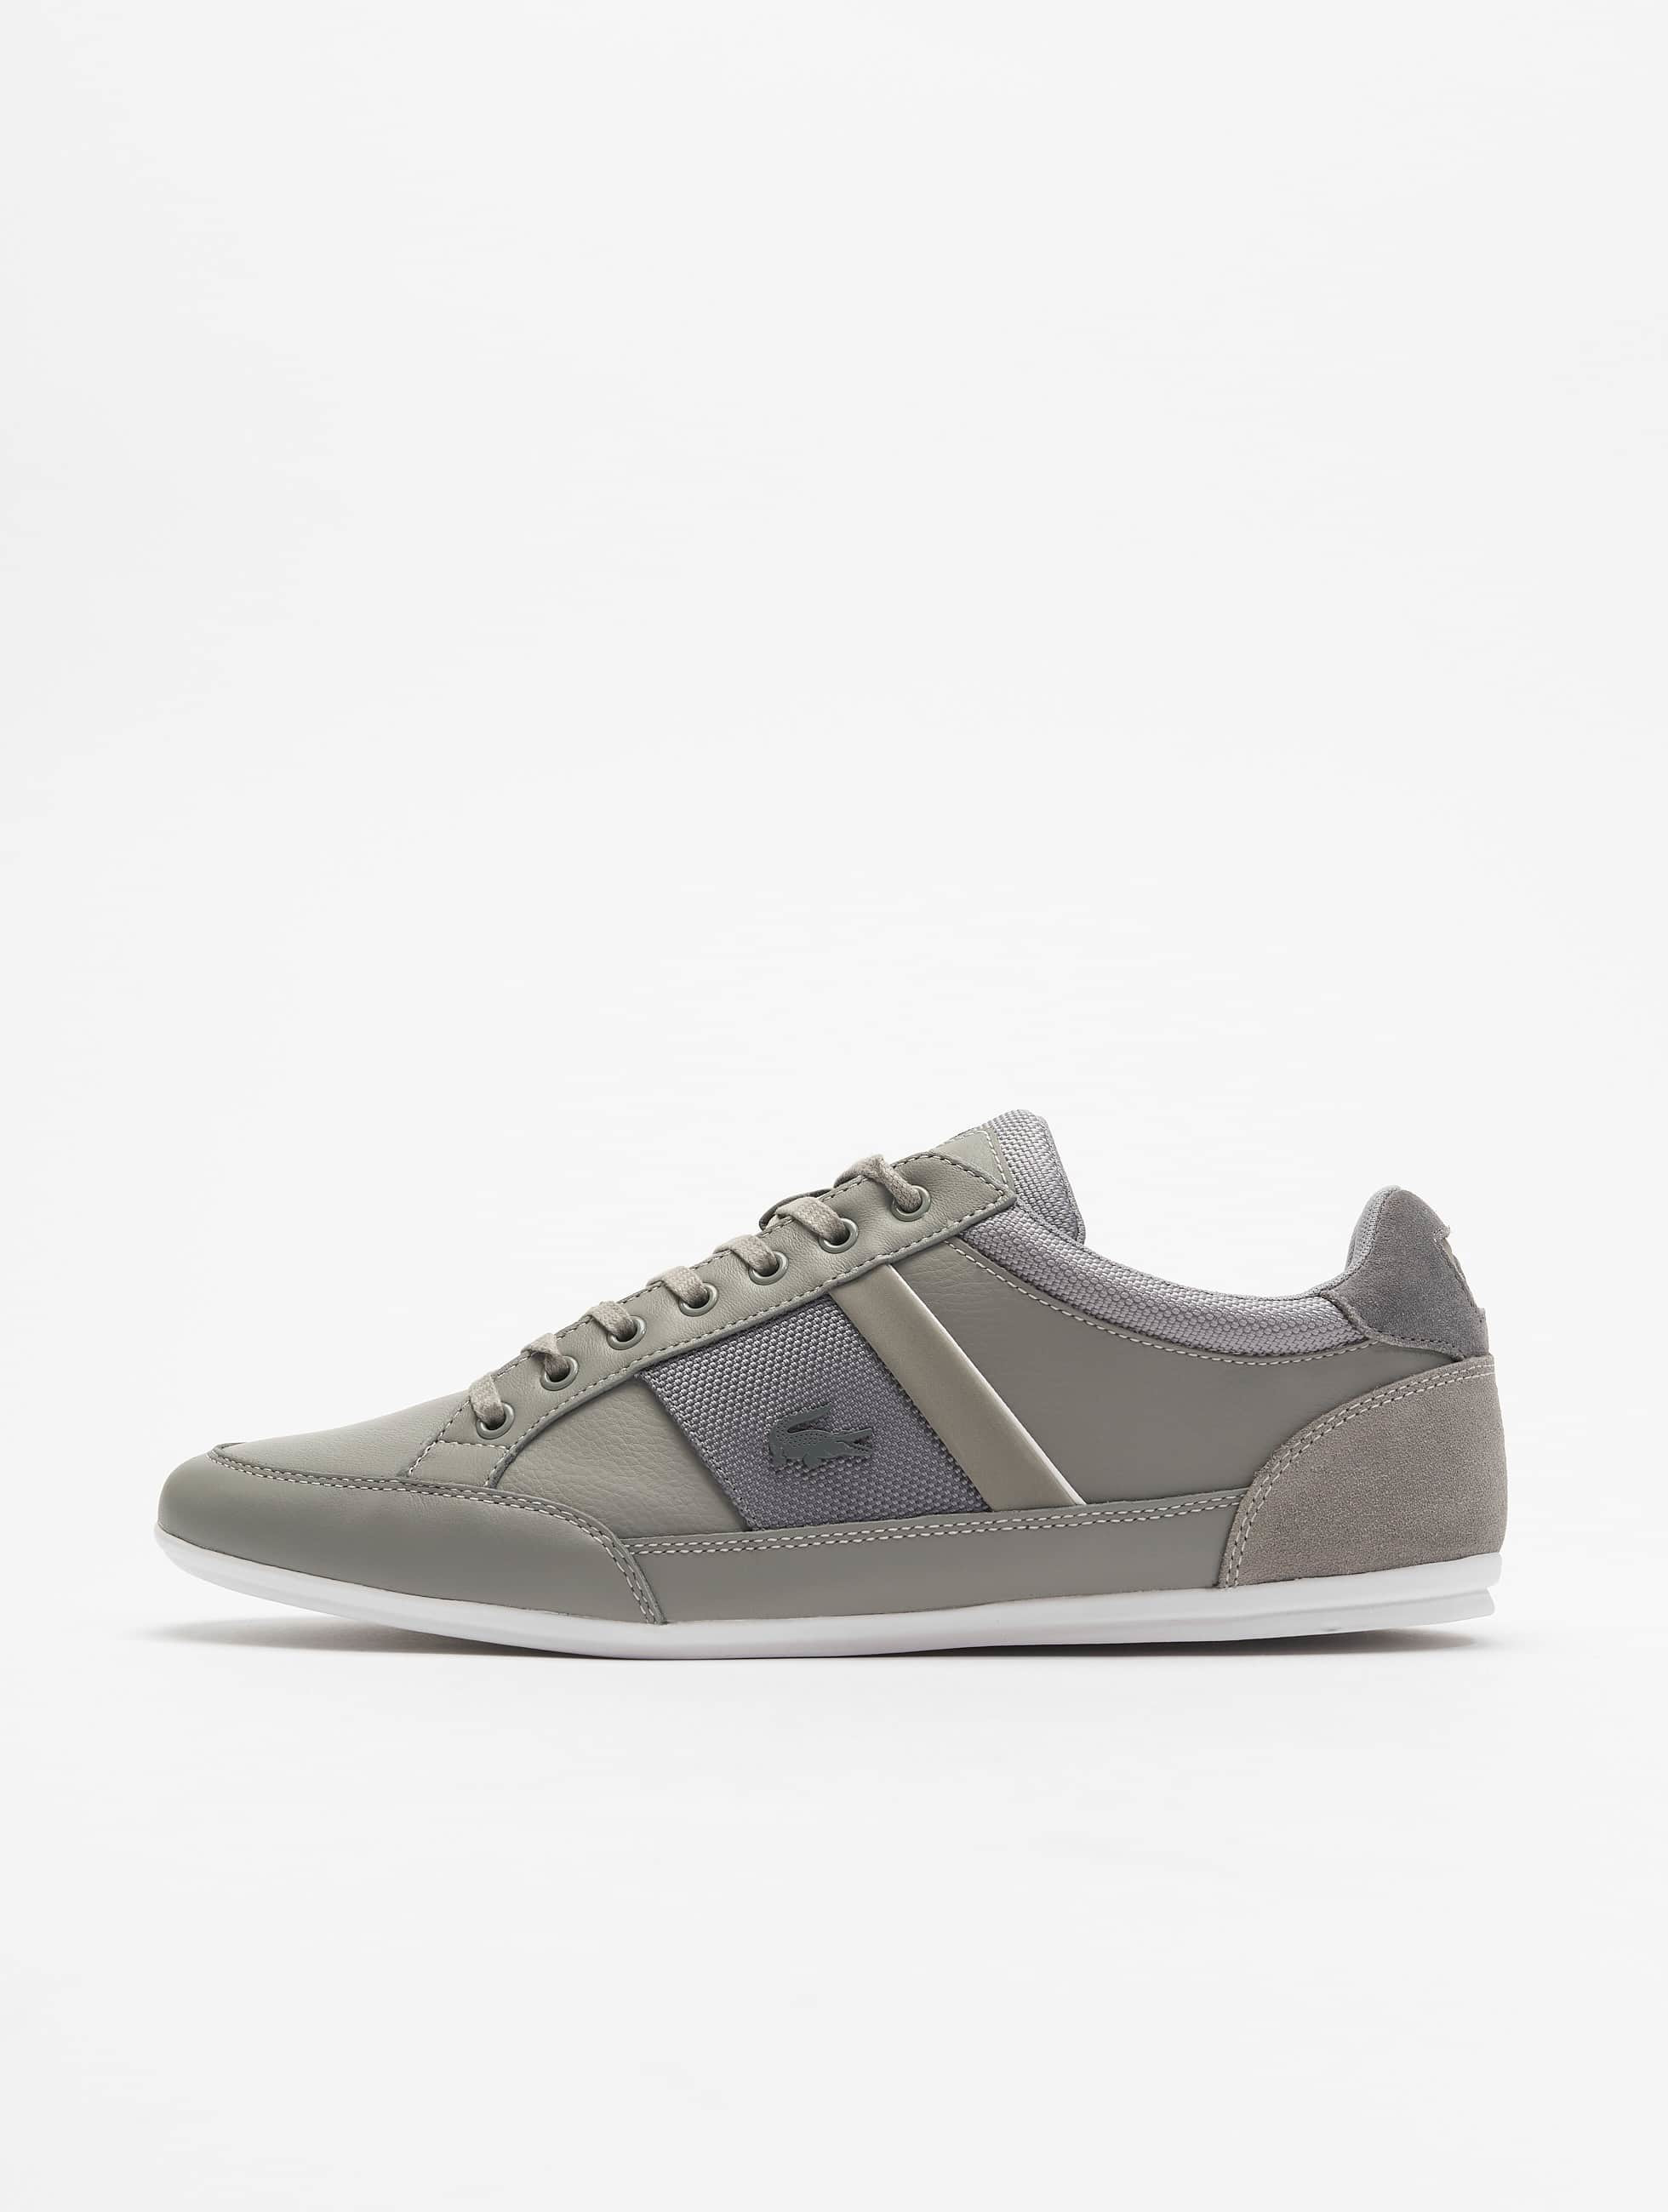 Lacoste Männer Sneaker Chaymon 116 1 SPM in grau